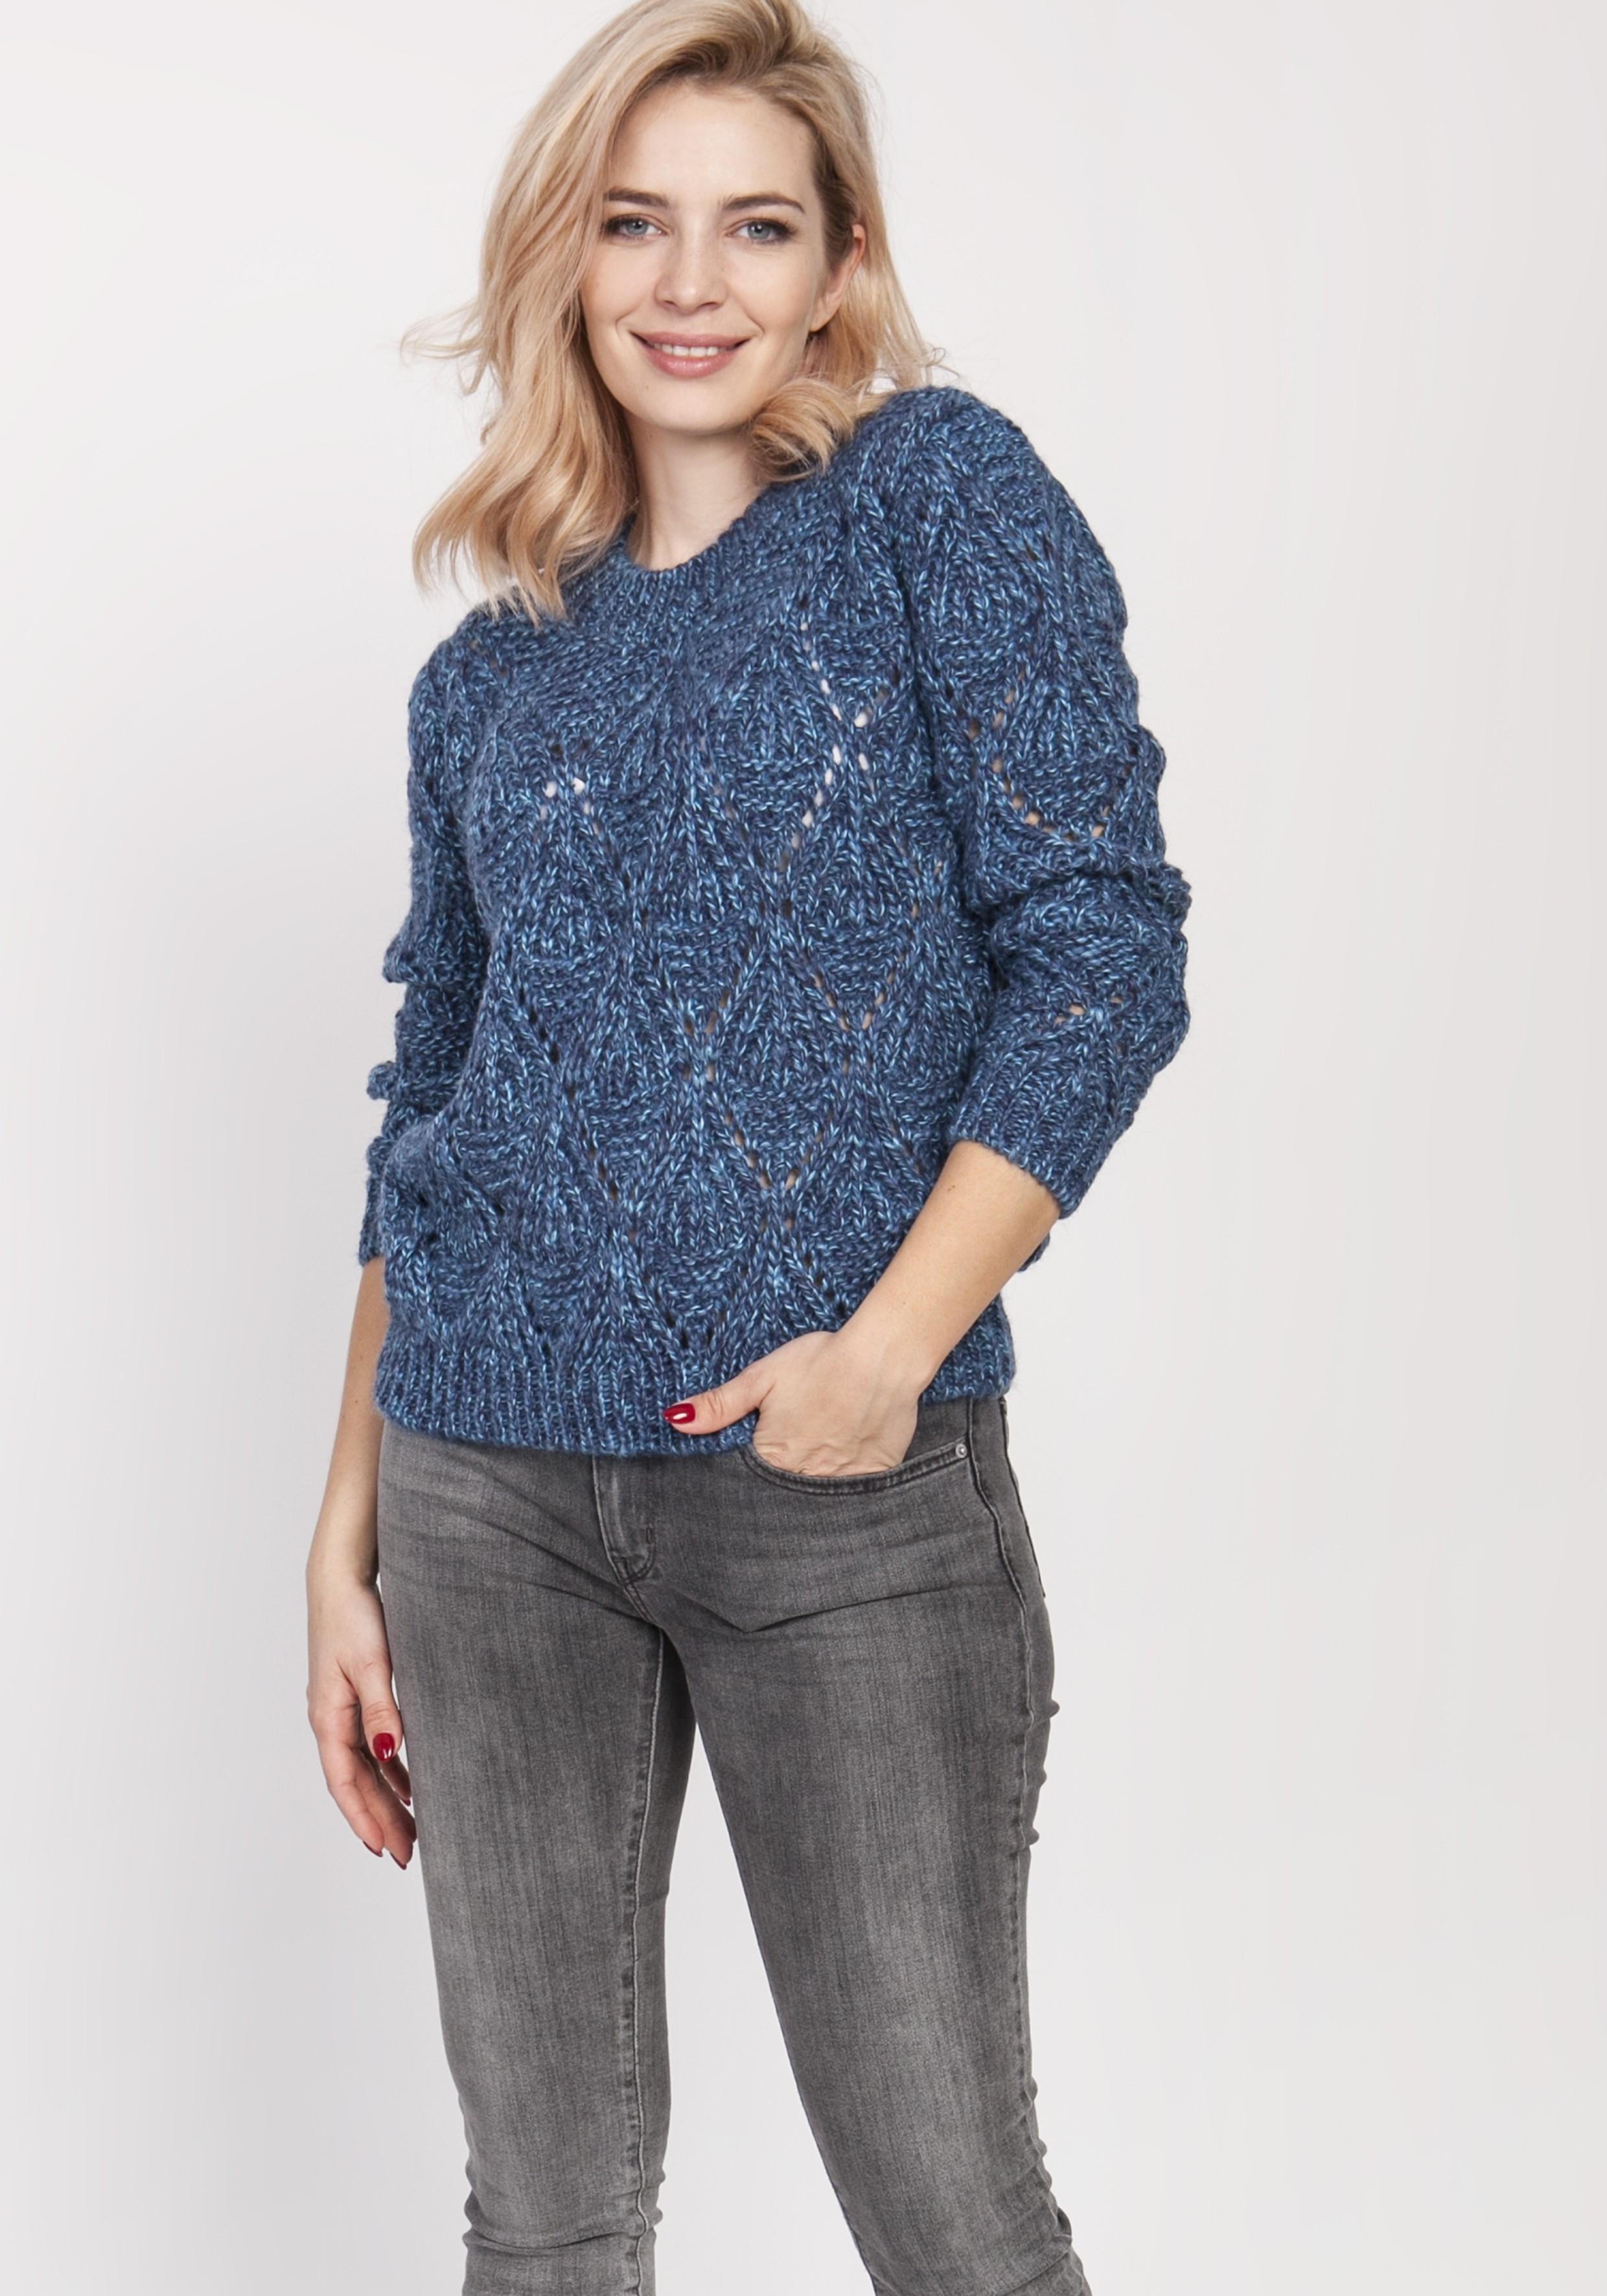 Modrý dámsky sveter s dierkovaným vzorom - S/M